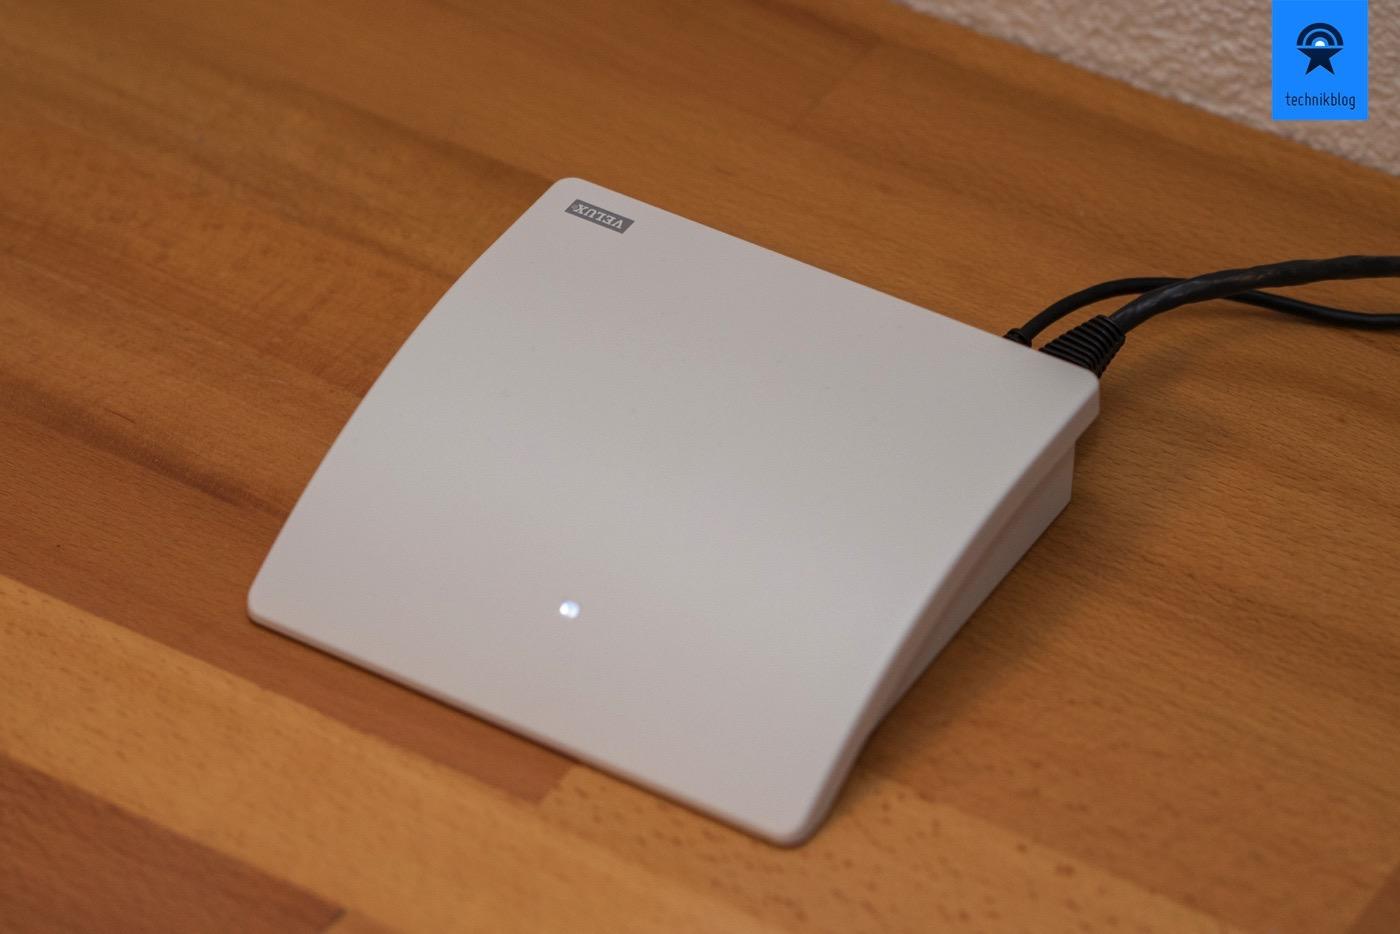 Velux KLF200 - Technikblog